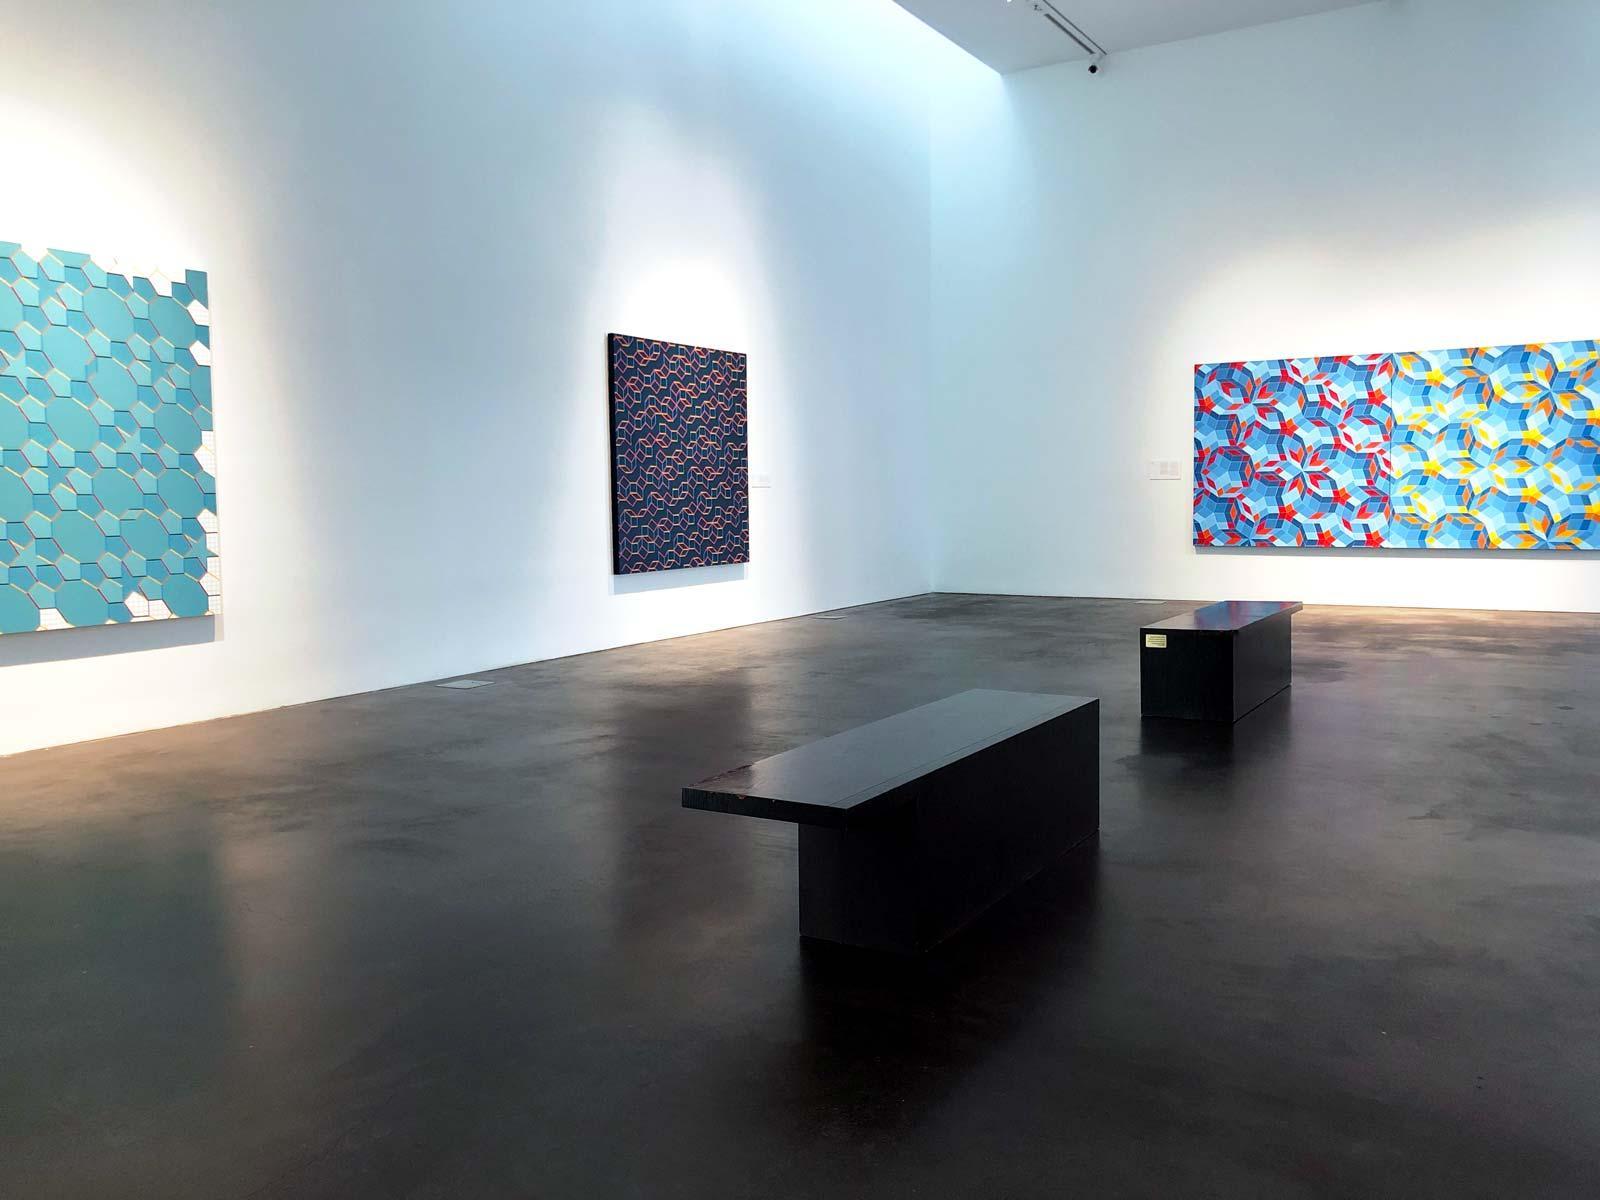 Blick in Ausstellungsraum mit geometrischen Bildern